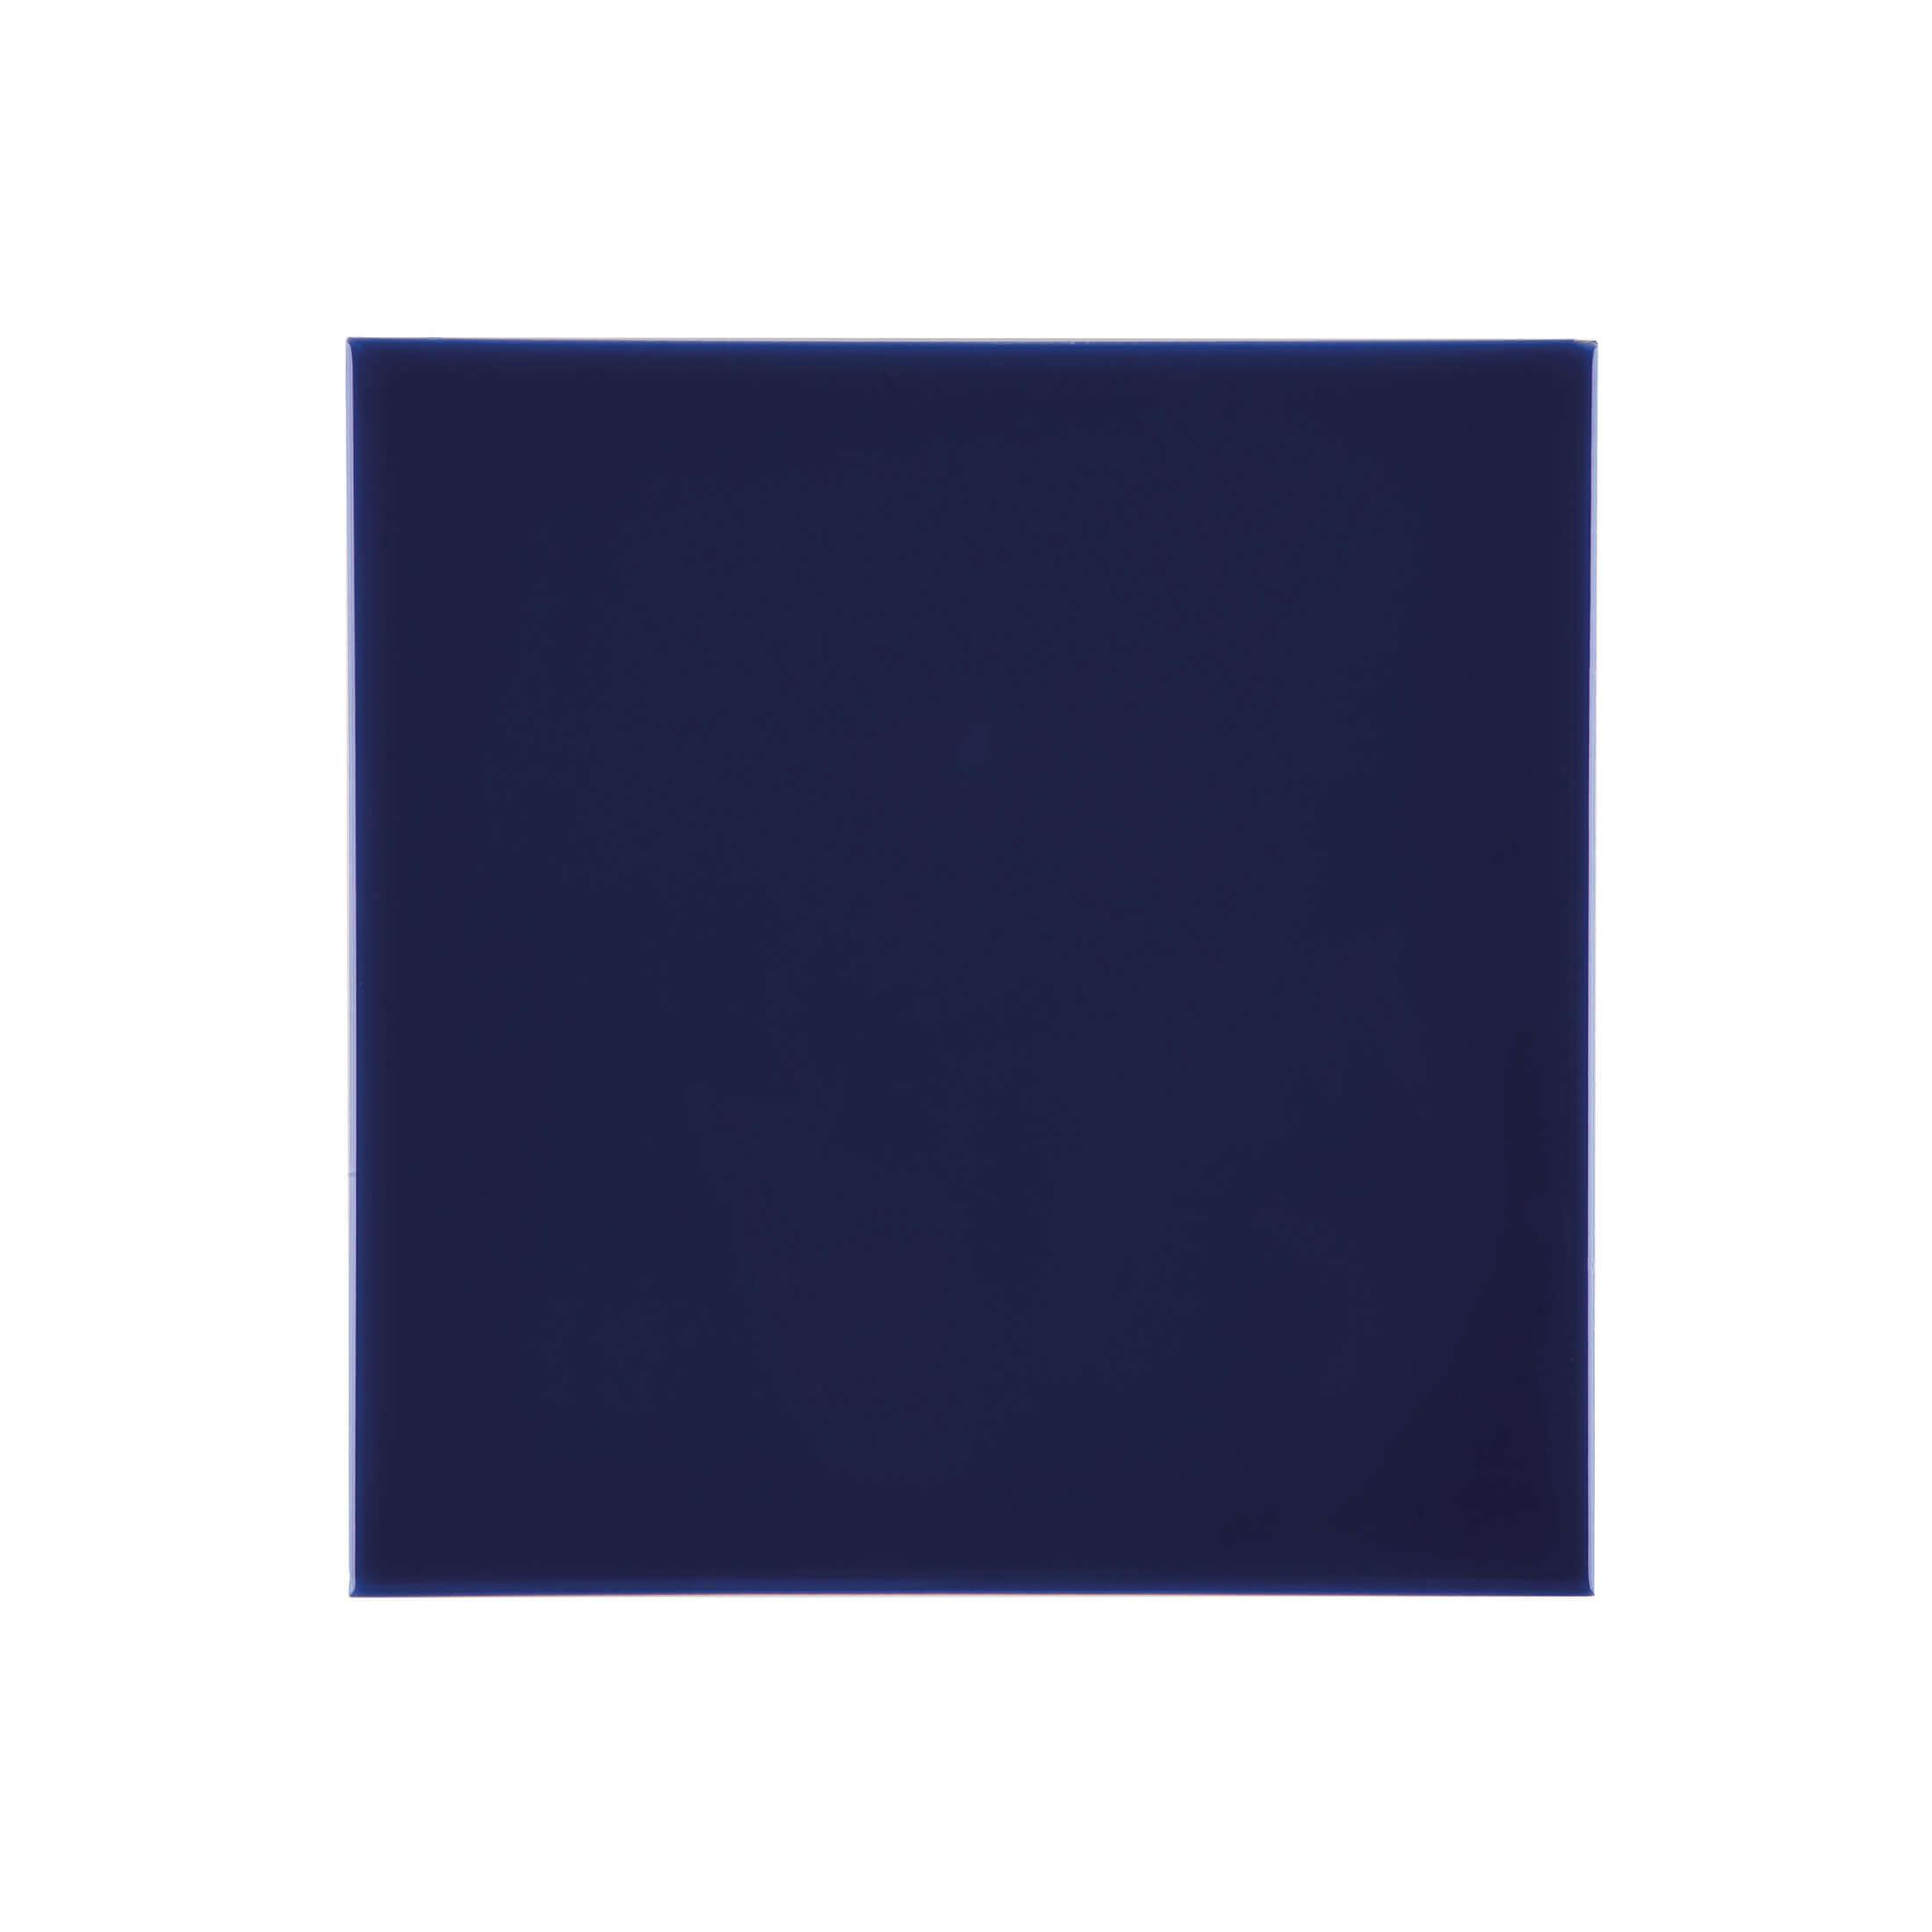 ADRI1011 - 20 cm X 20 cm